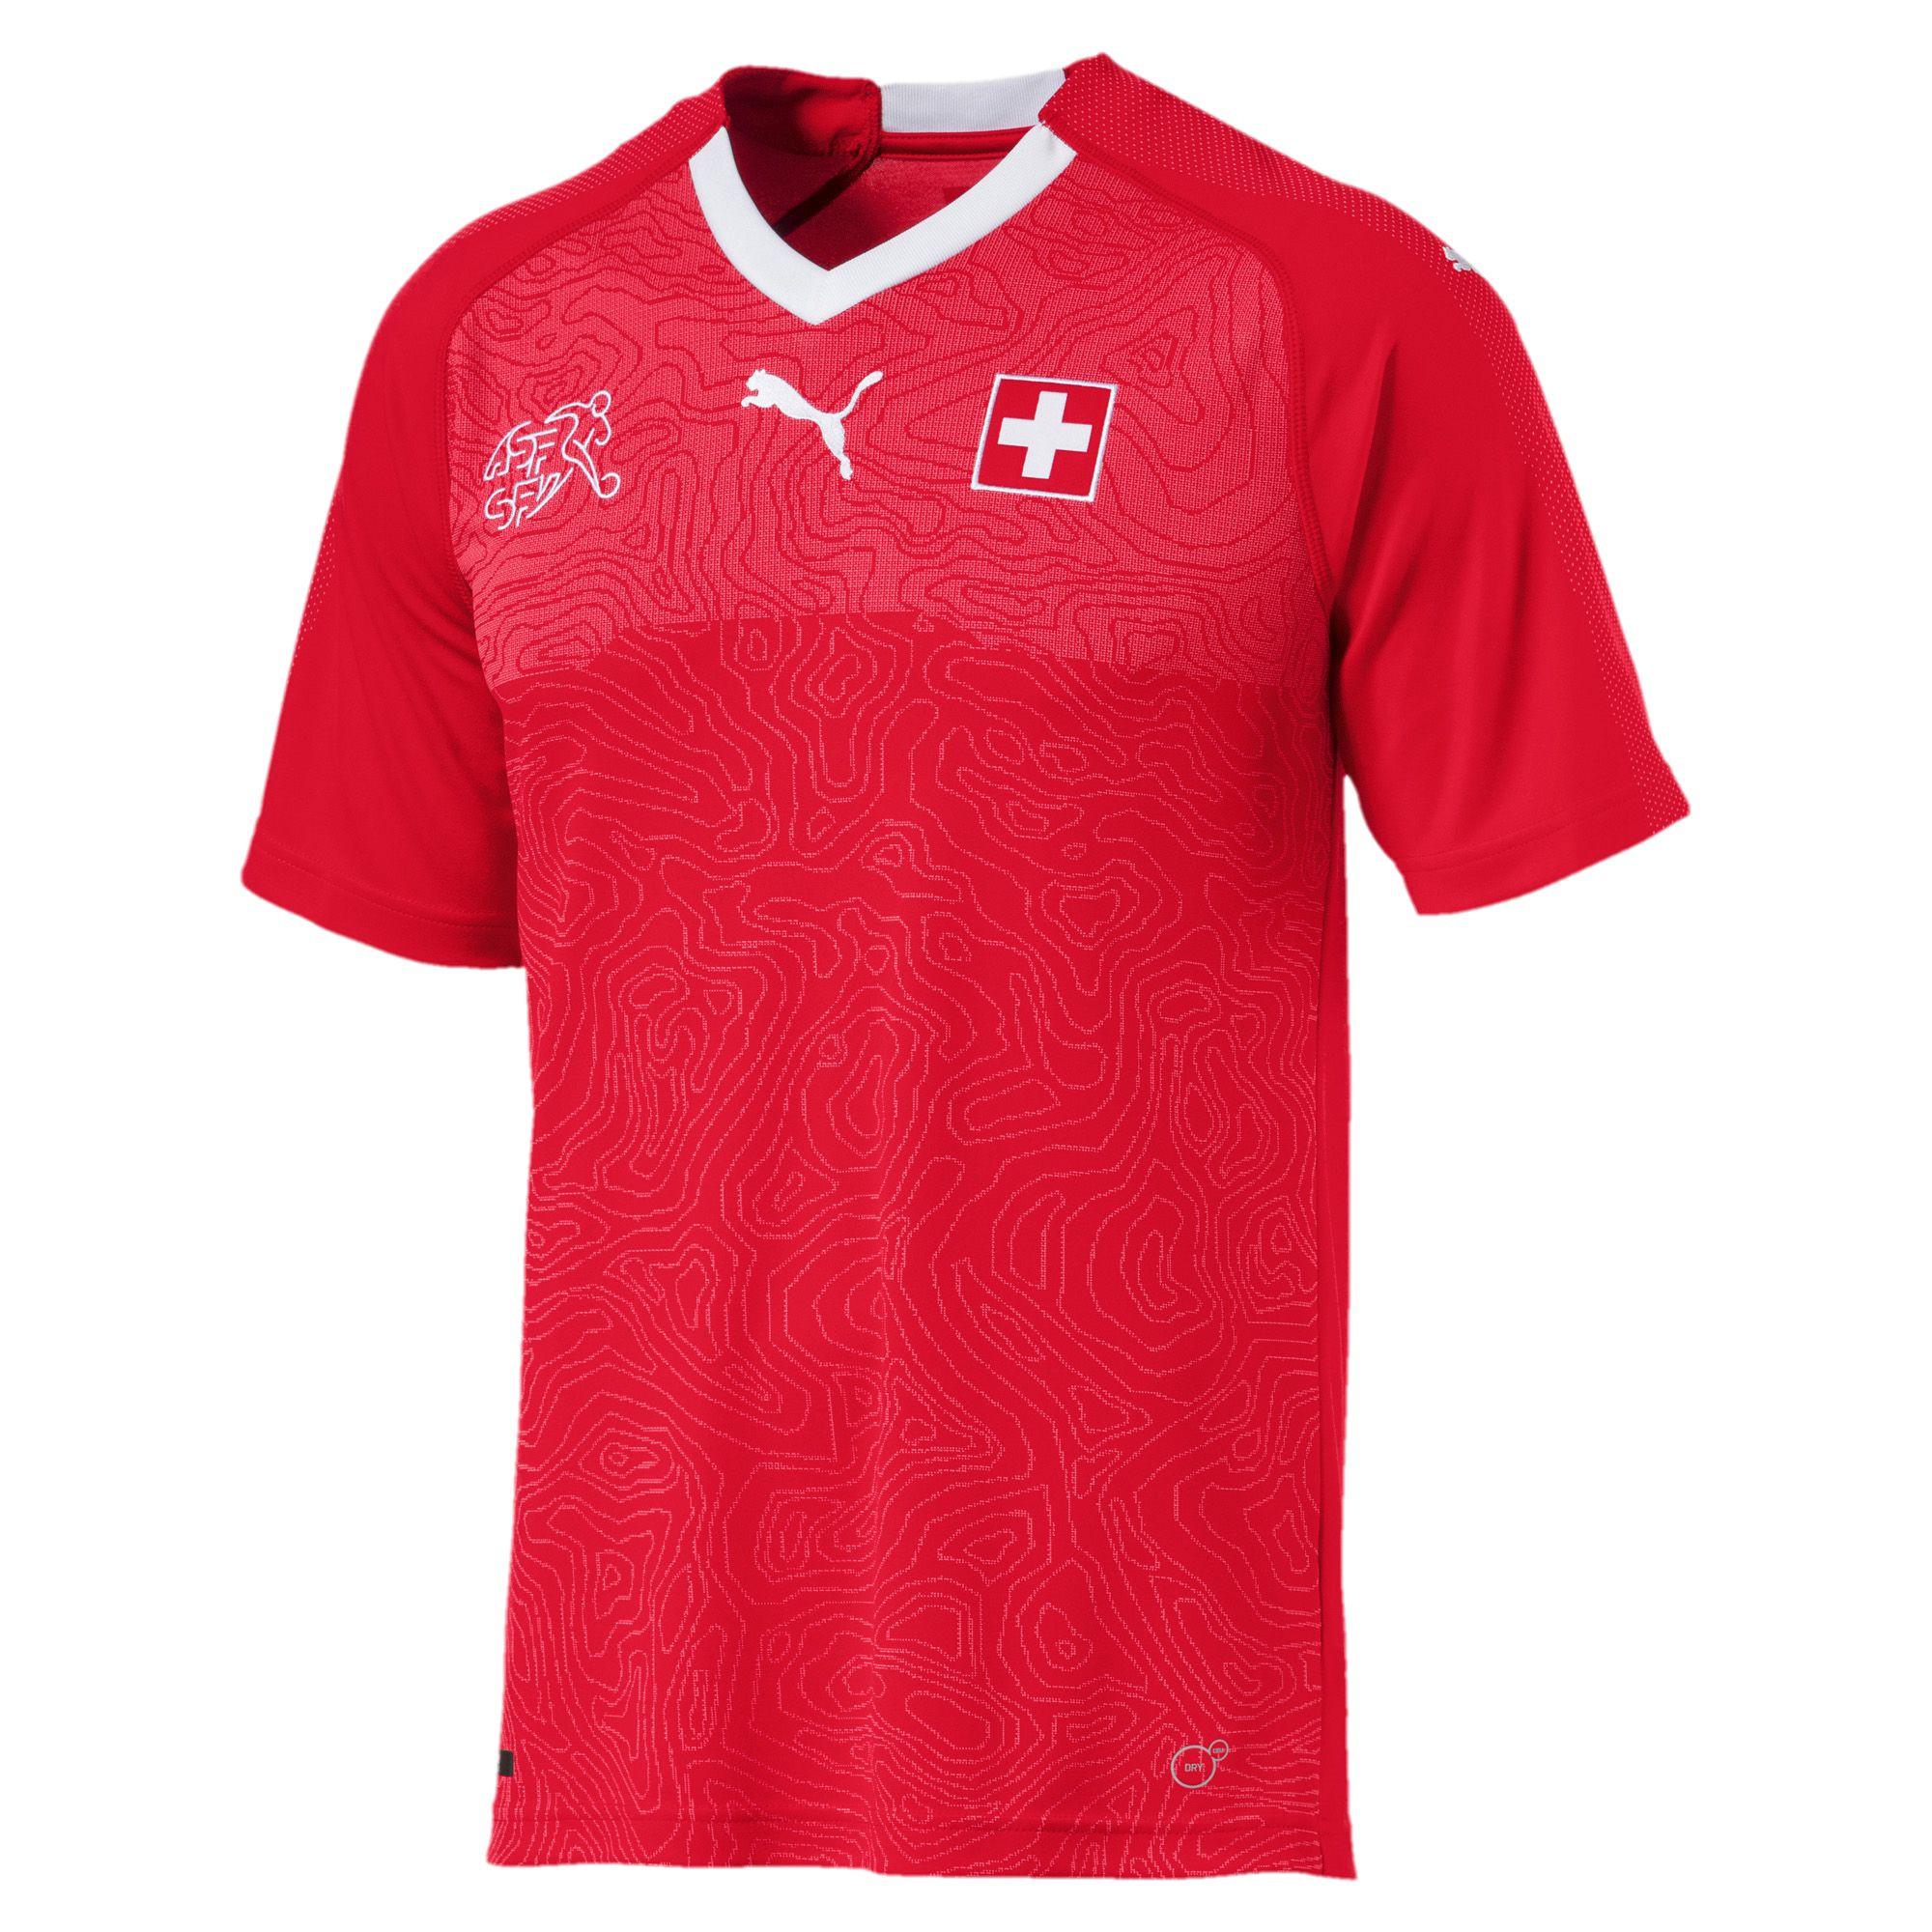 Switzerland football kit